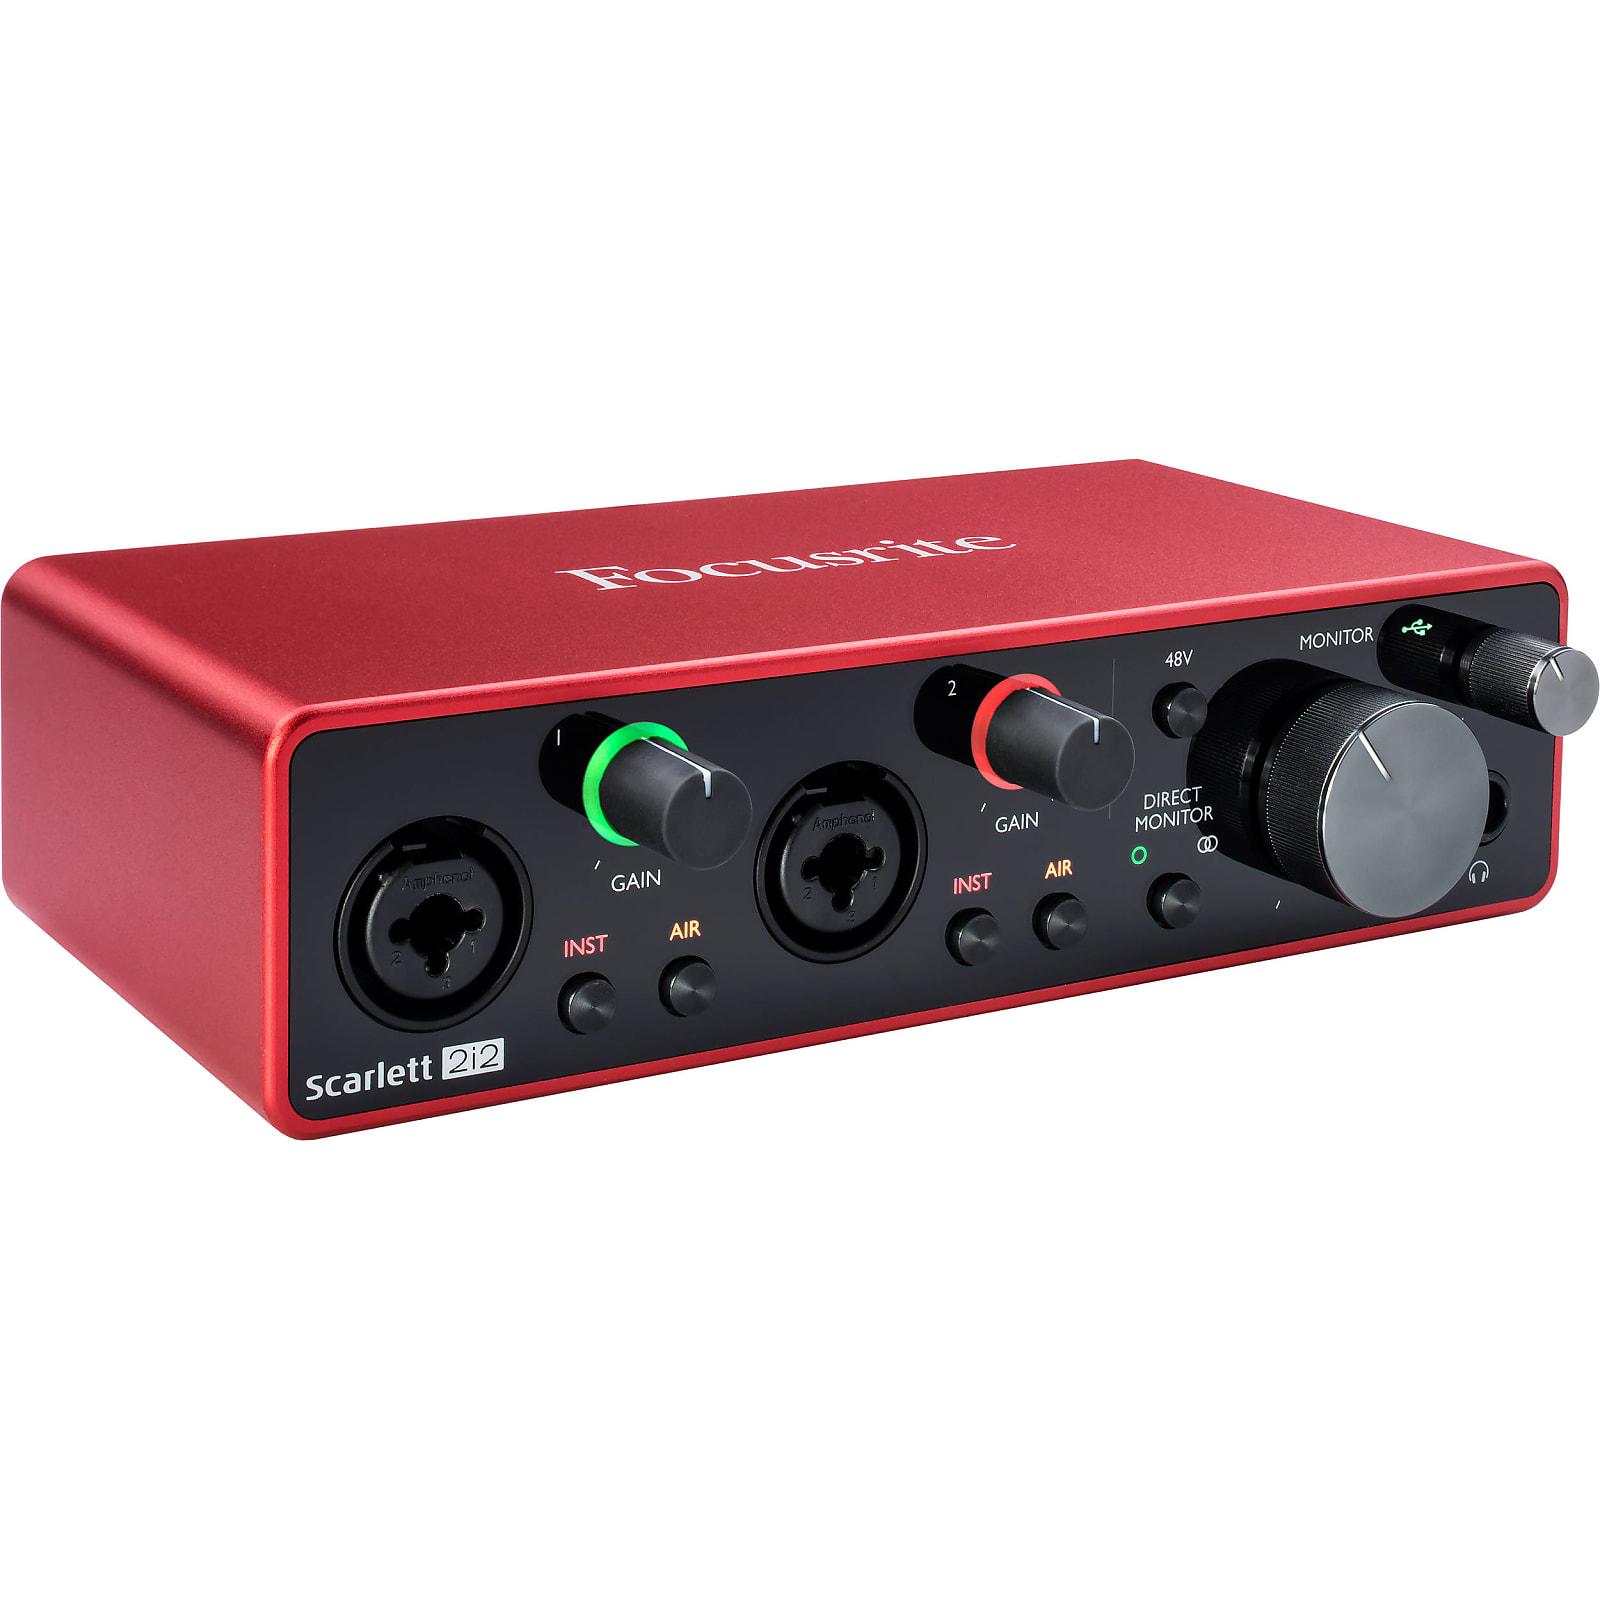 Focusrite Scarlett 2i2 USB Audio Recording Interface (3rd Gen)